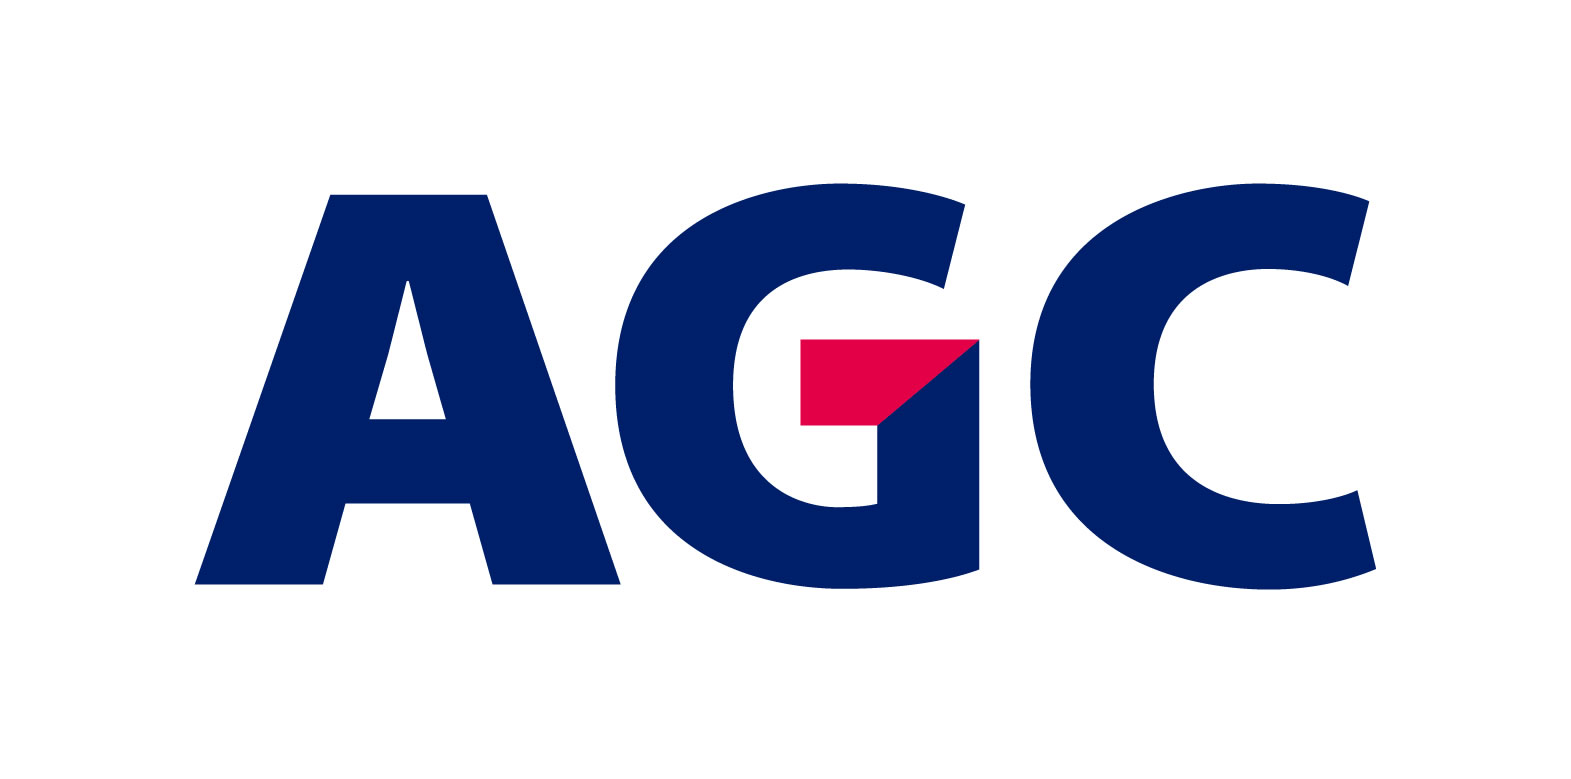 AGC株式会社